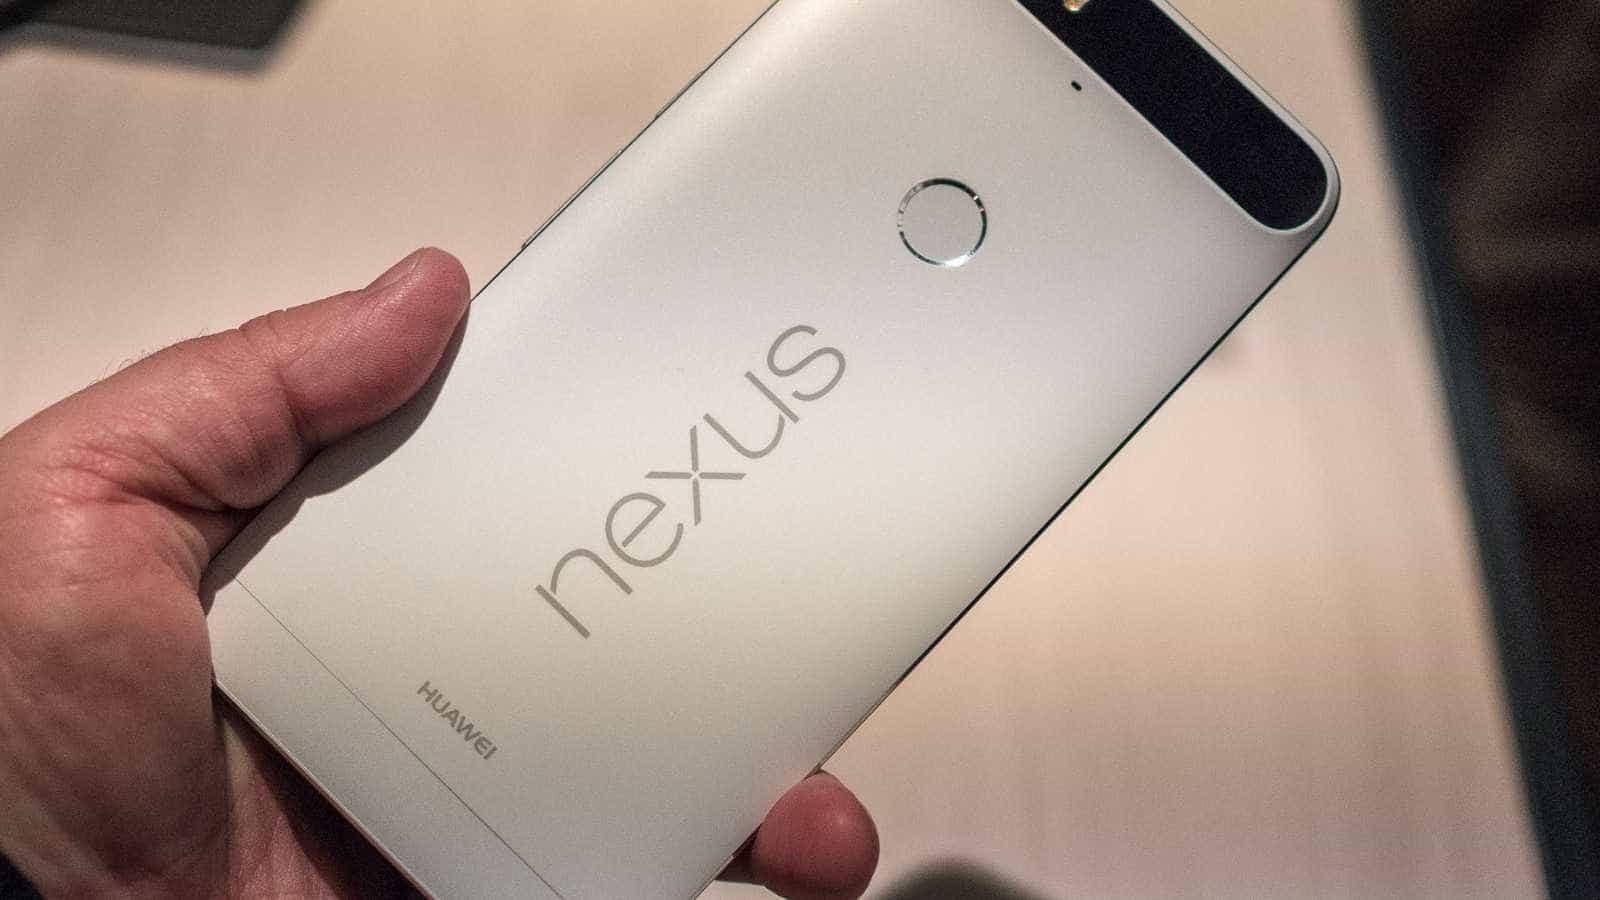 Google e Huawei prometem compensações por problemas com smartphone